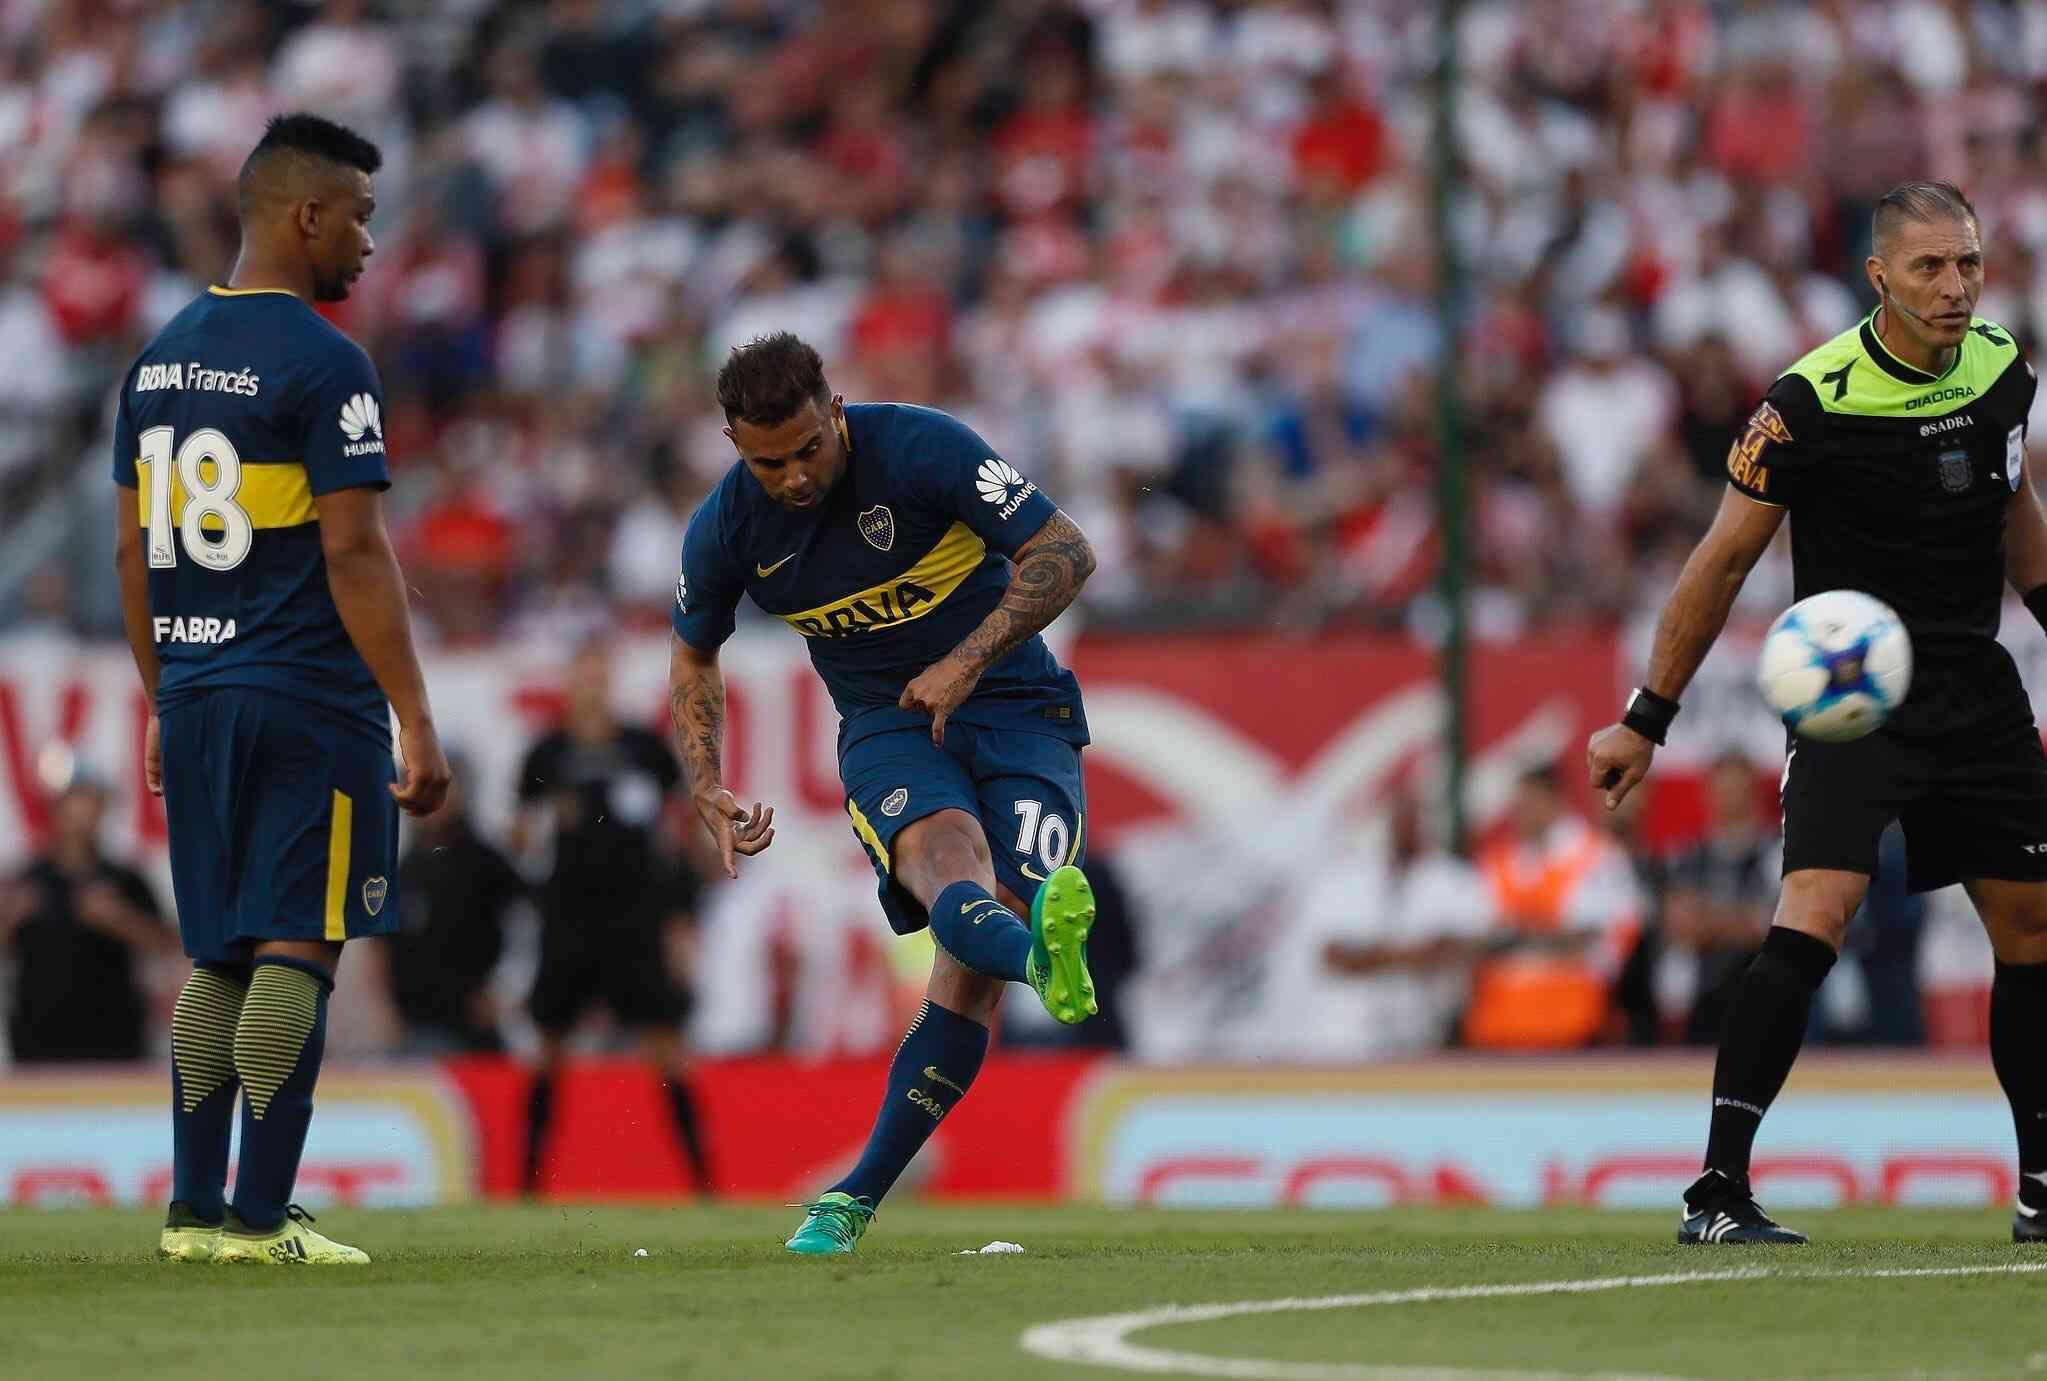 Cardona ya ejecutó un soberbio tiró que se convertirá en gol